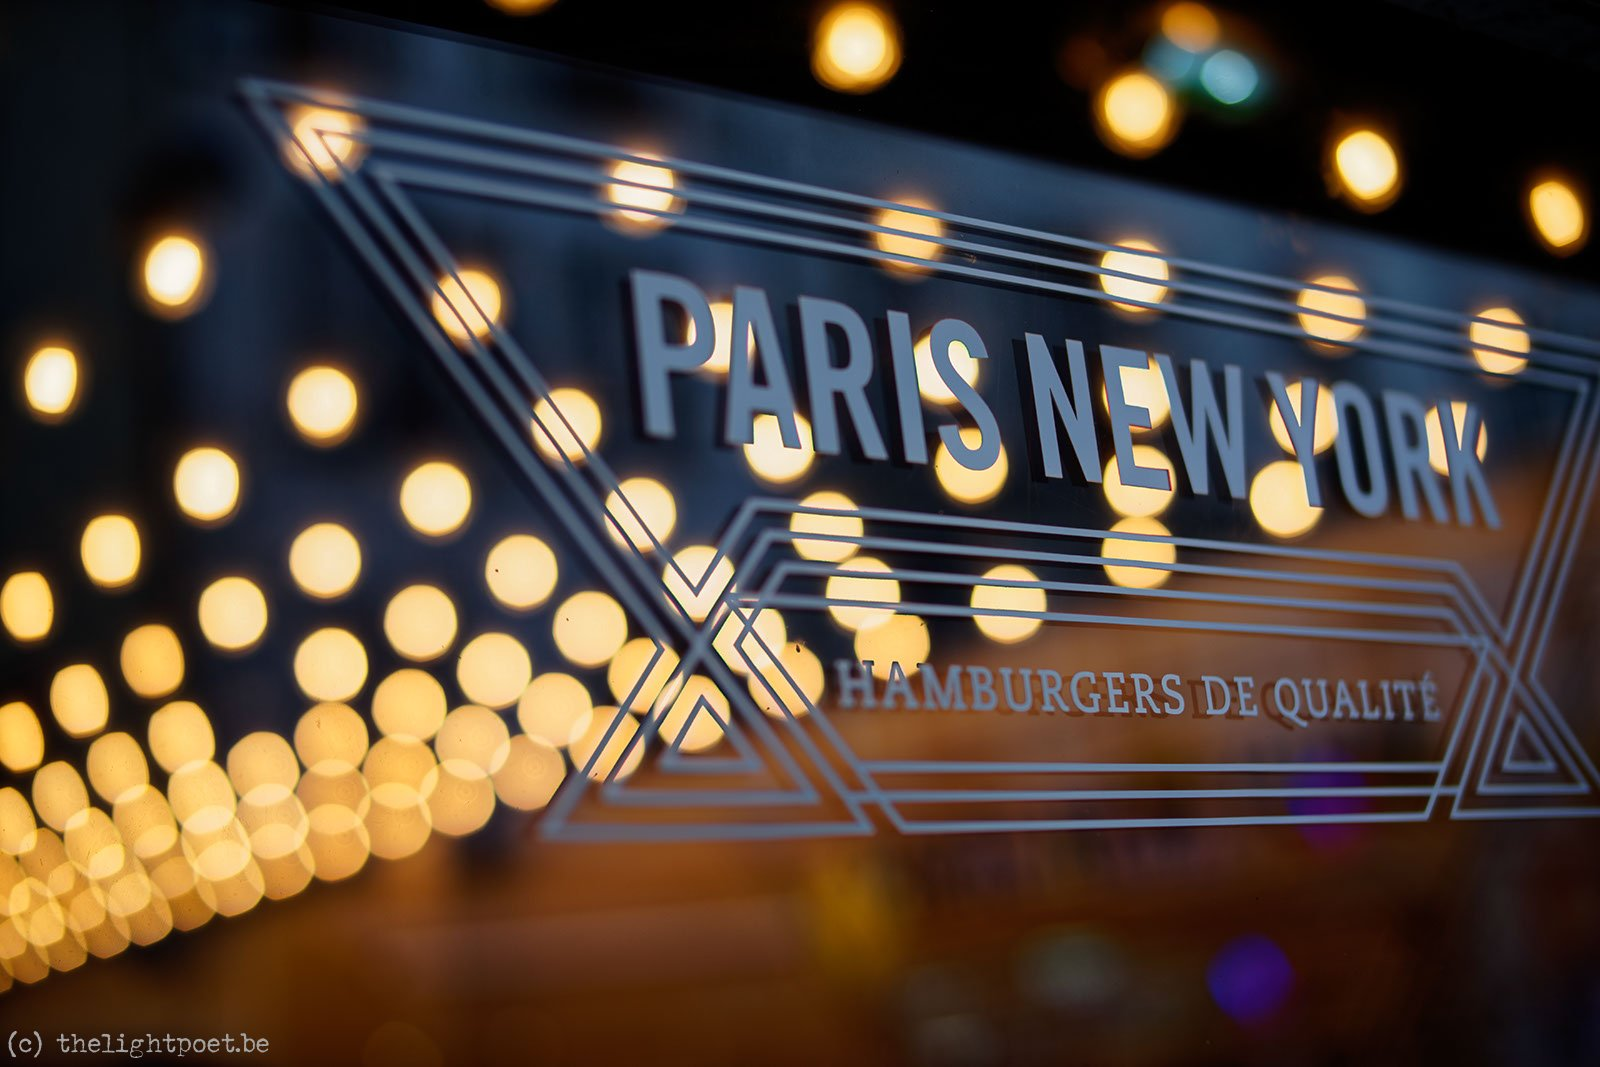 2015_05_Parijs_20150501_183315_DxO_v10.jpg